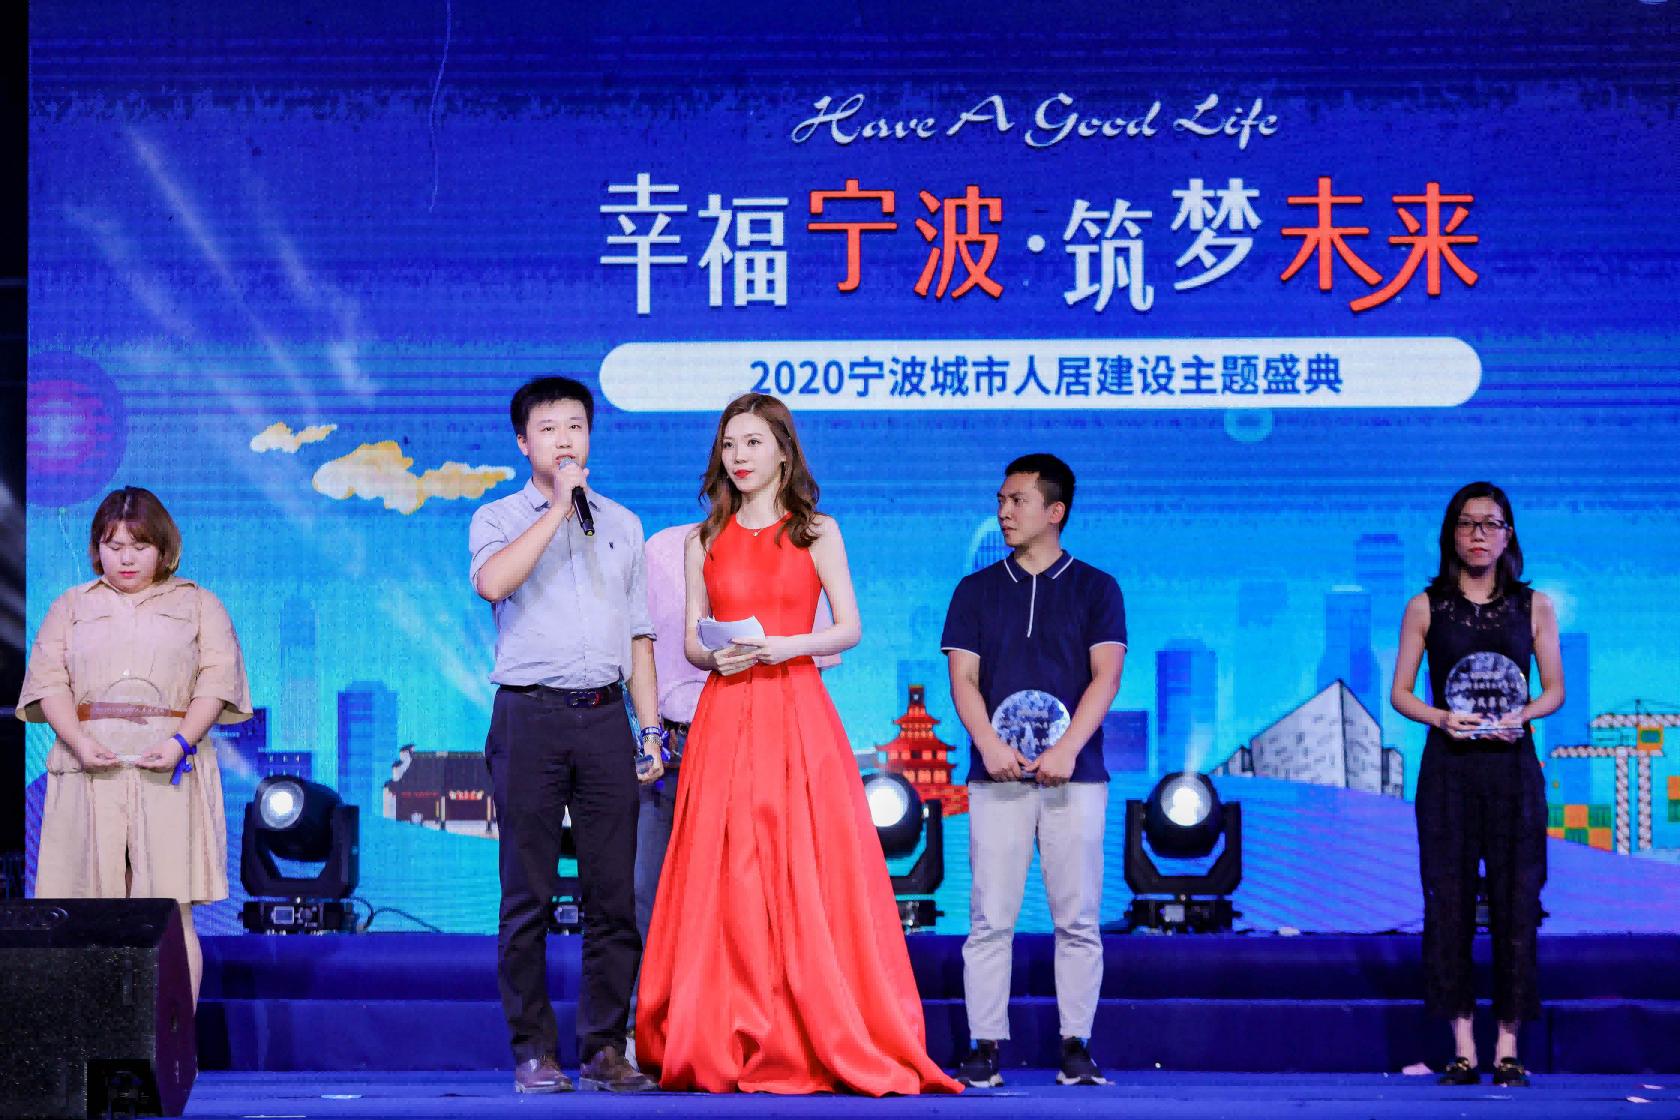 2020宁波市人居建设主题盛典